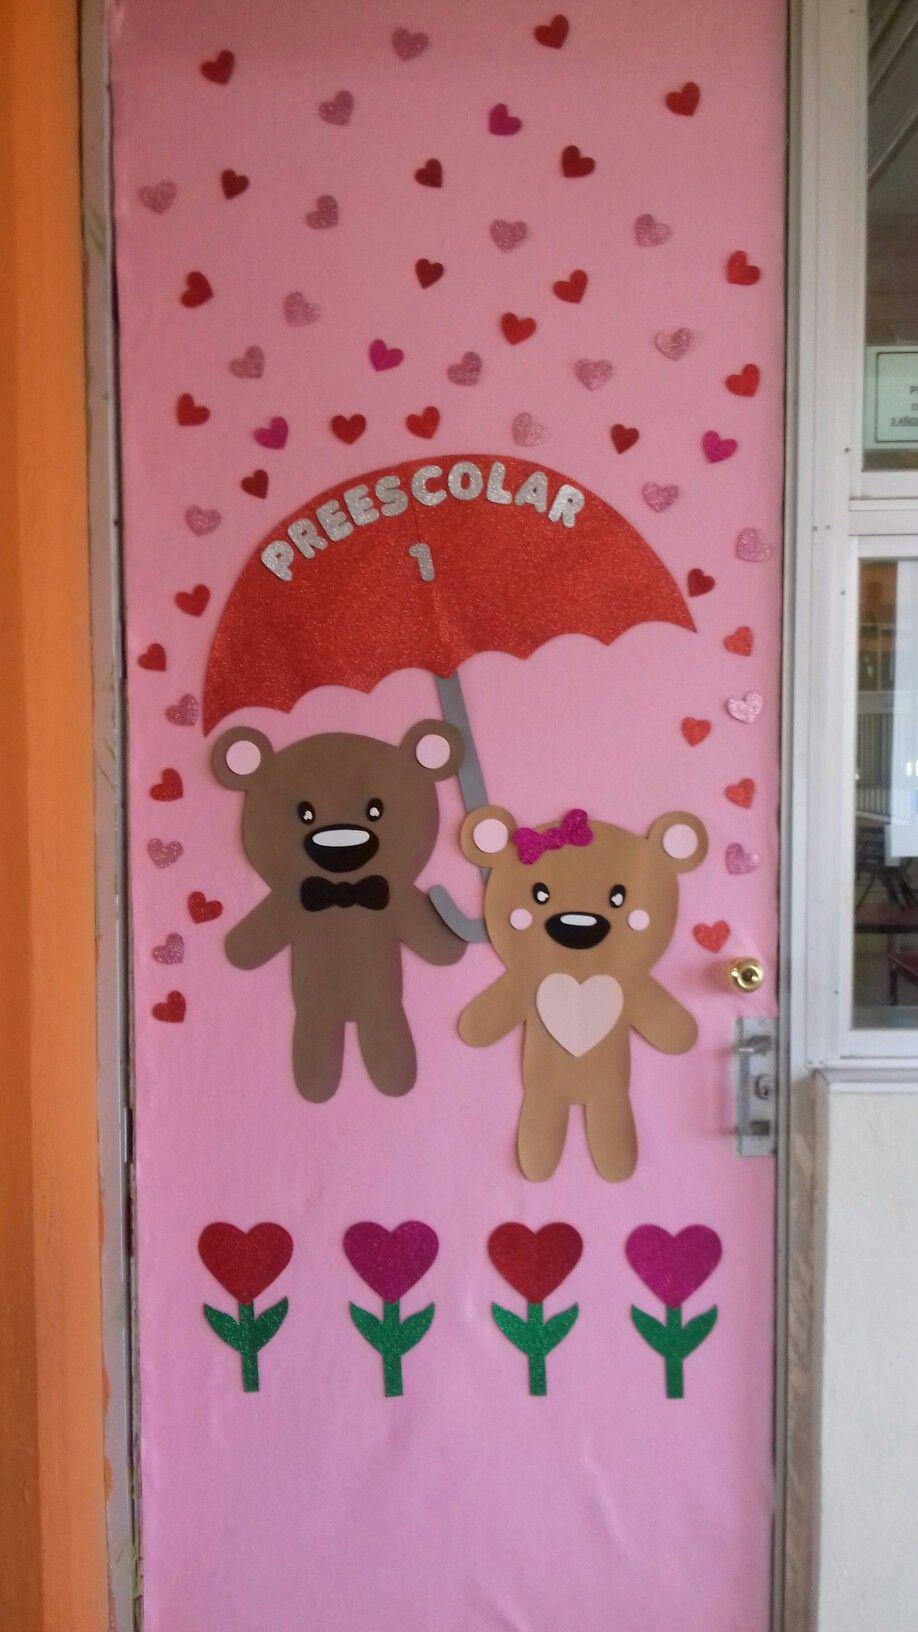 Caja El En Dia Del Arreglos Febrero Amistad 14 De La Y 14 Madera De Amor Para De Febrero